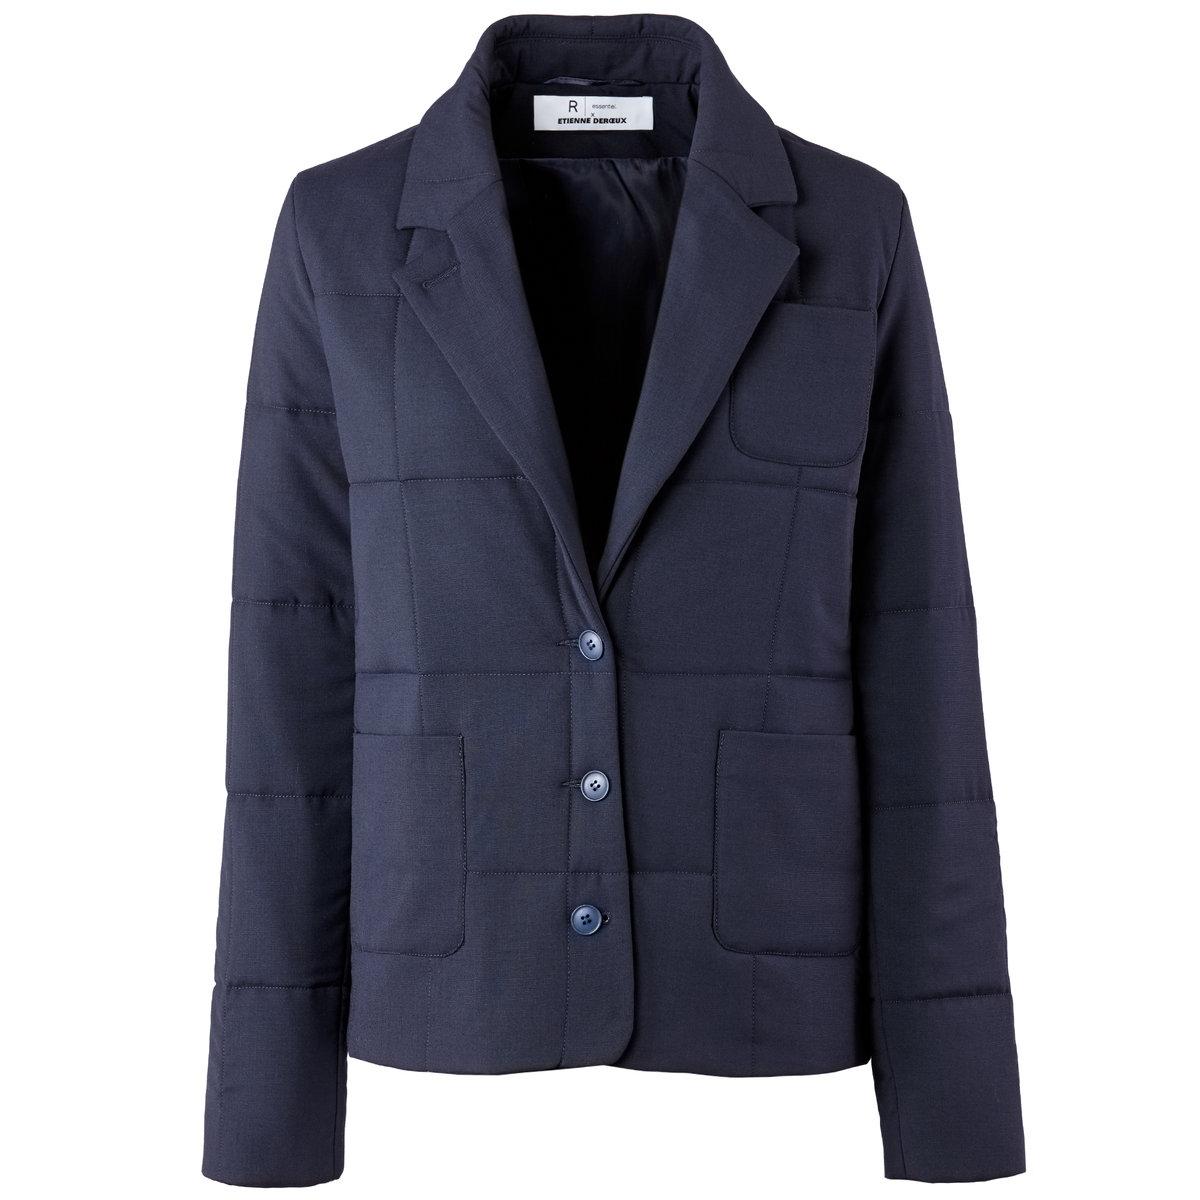 Пиджак стеганый – ETIENNE DEROEUX POUR R/essentielПрямой пиджак, покоряющий своей простотой, сочетается с джинсами или прямыми брюками на каждый день.<br><br>Цвет: темно-зеленый,темно-синий<br>Размер: 34 (FR) - 40 (RUS).34 (FR) - 40 (RUS).38 (FR) - 44 (RUS).44 (FR) - 50 (RUS).42 (FR) - 48 (RUS).40 (FR) - 46 (RUS).44 (FR) - 50 (RUS).36 (FR) - 42 (RUS).40 (FR) - 46 (RUS)